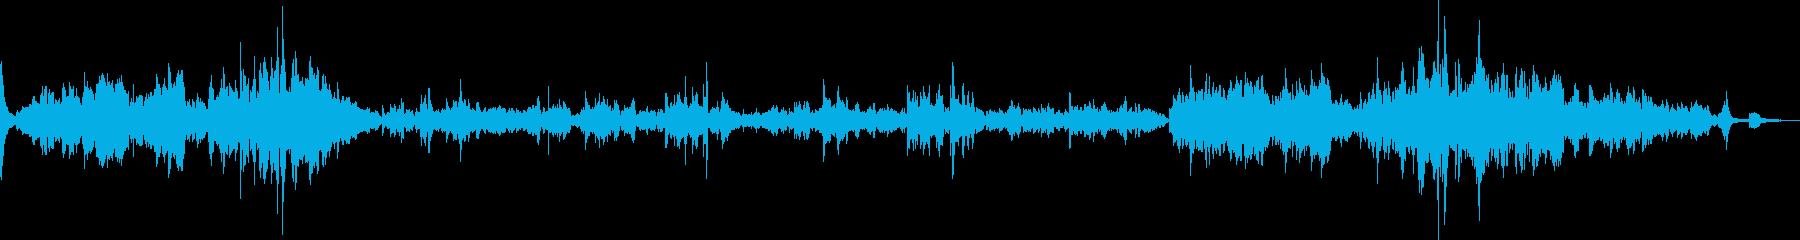 ショパン最大の有名曲の再生済みの波形